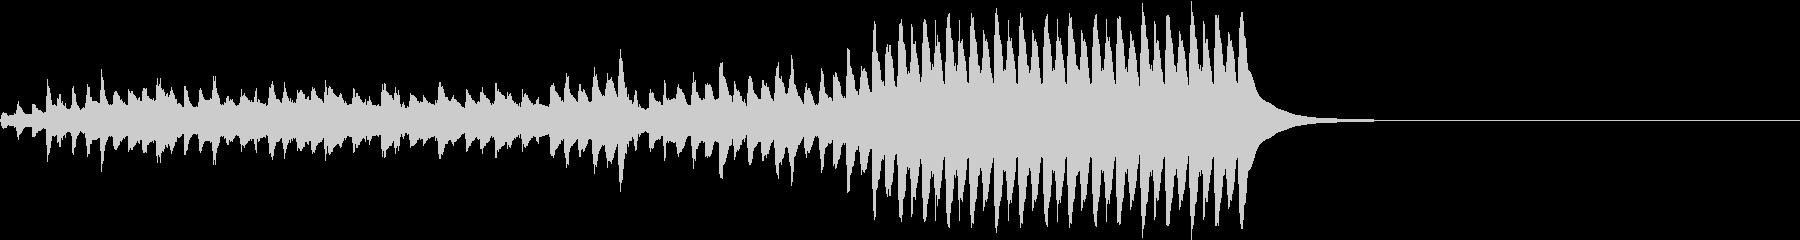 悲しい運命を思わせる琴の未再生の波形